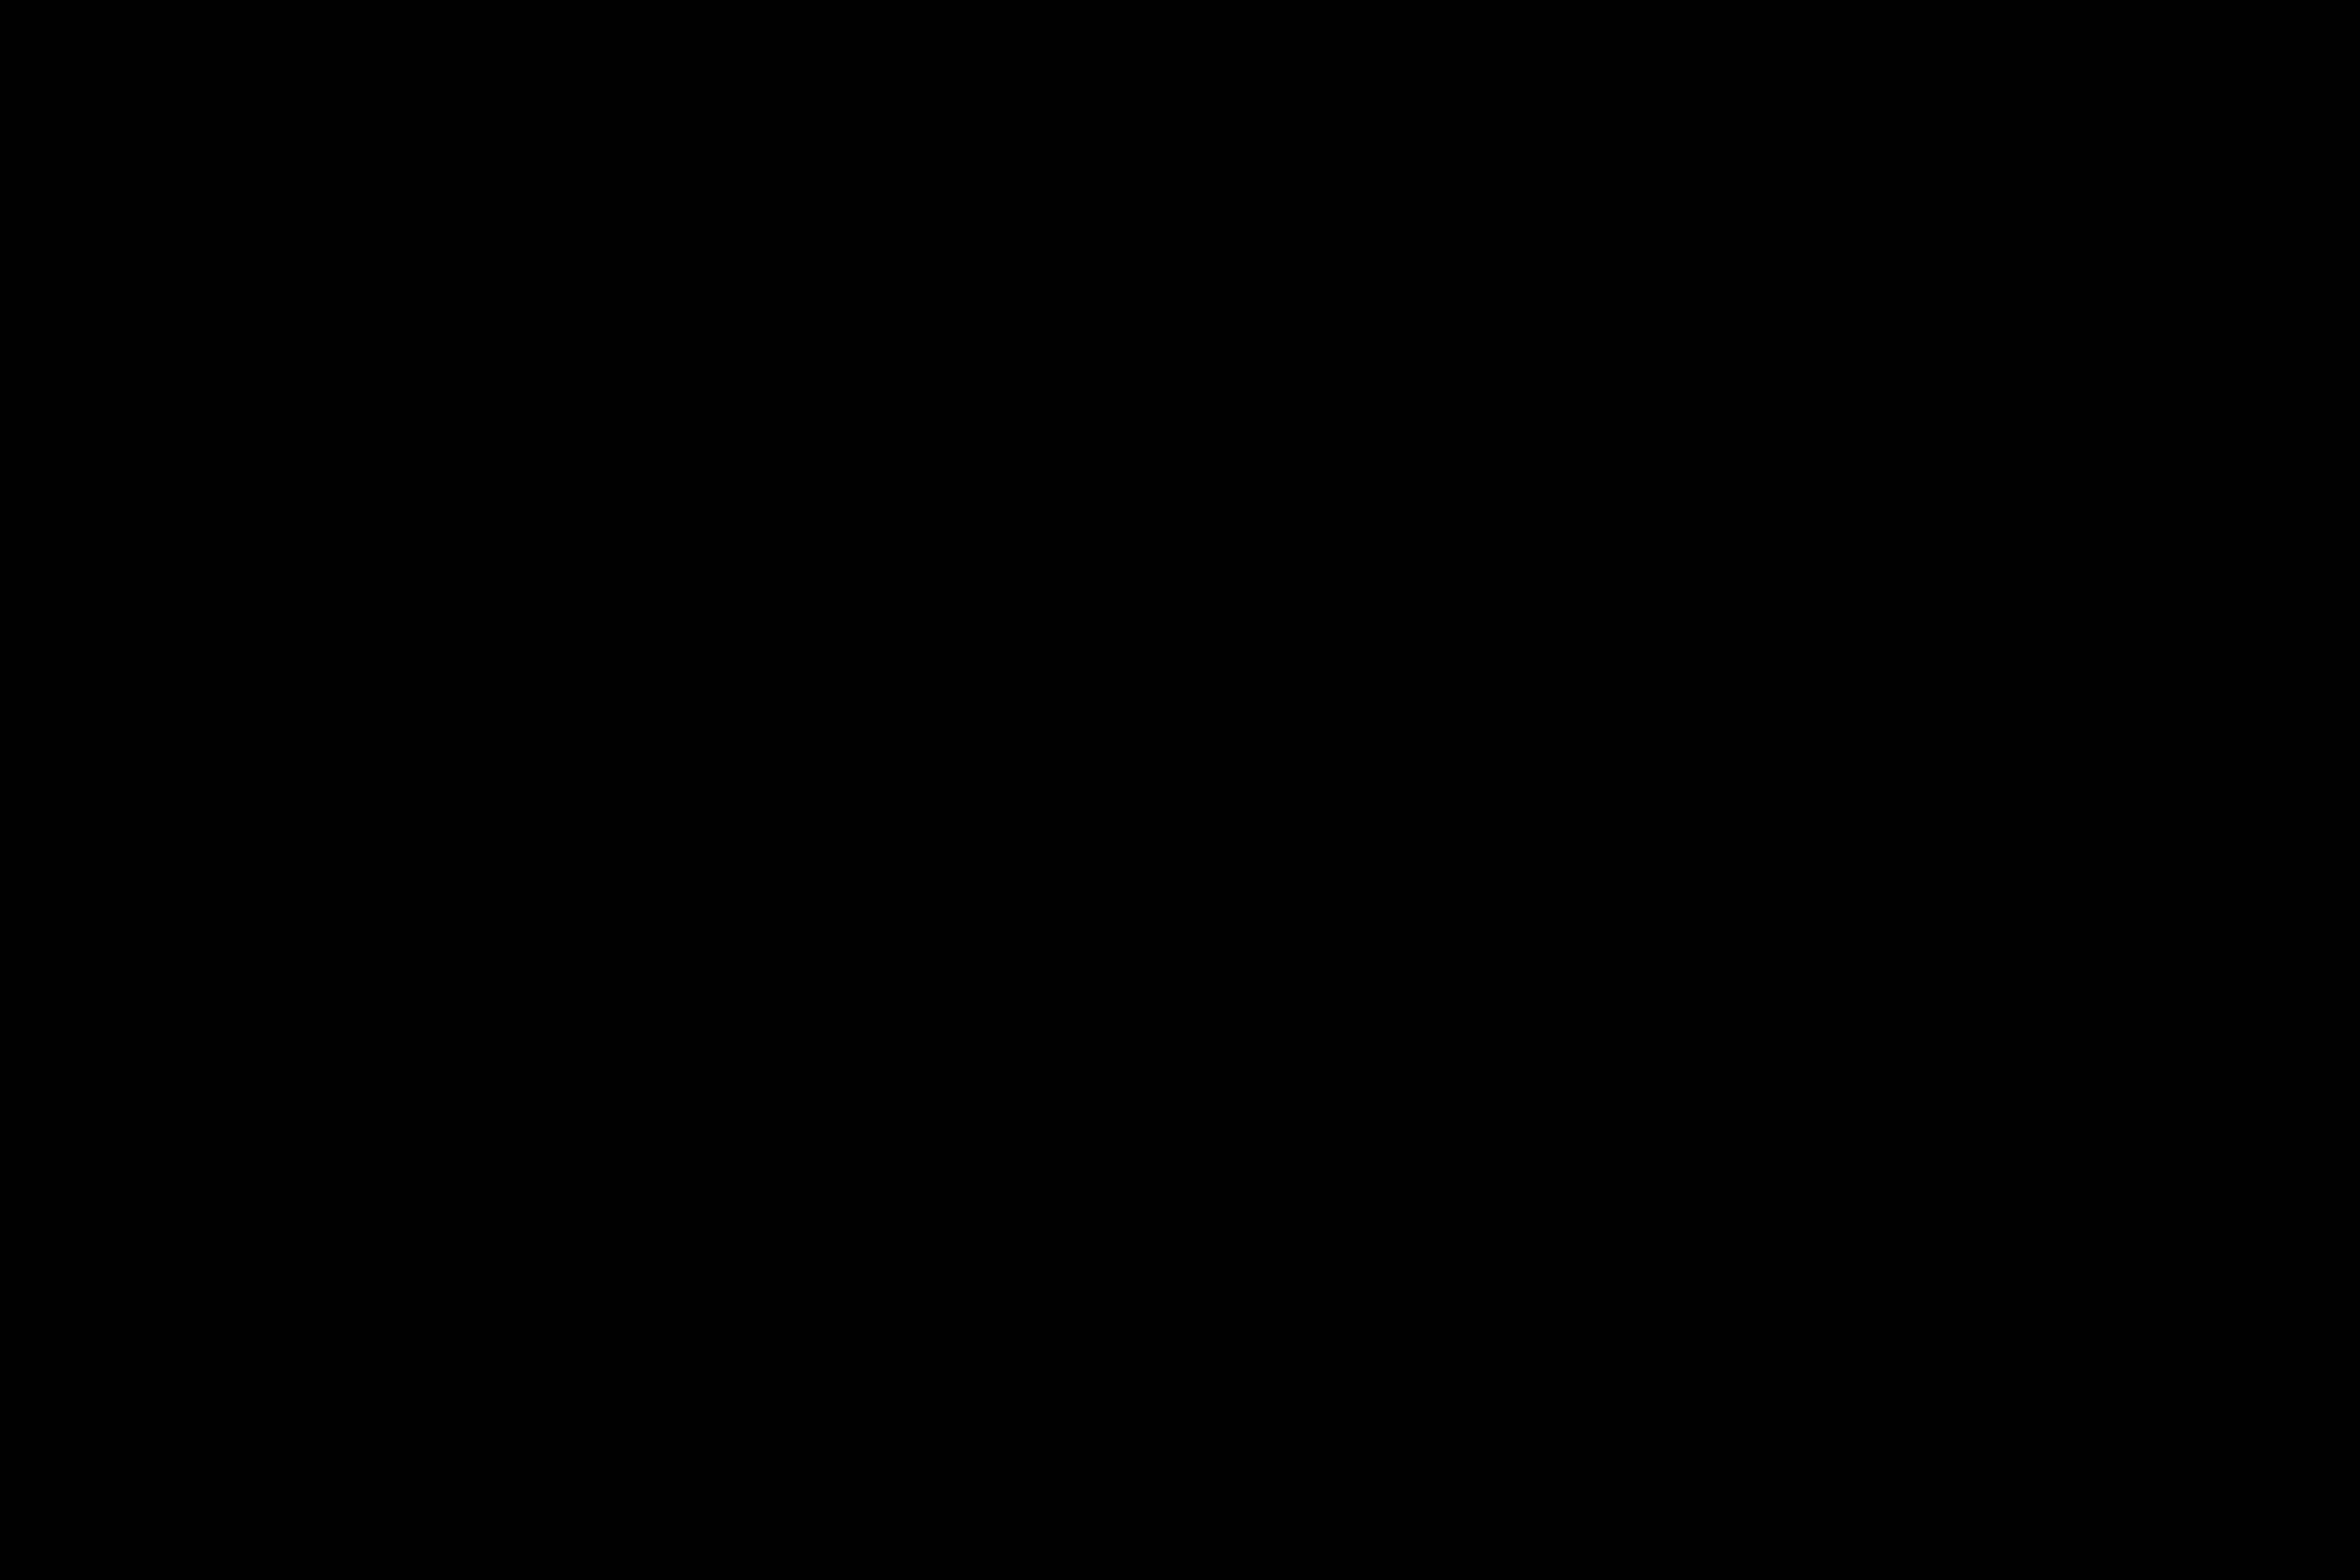 160521-bht-601